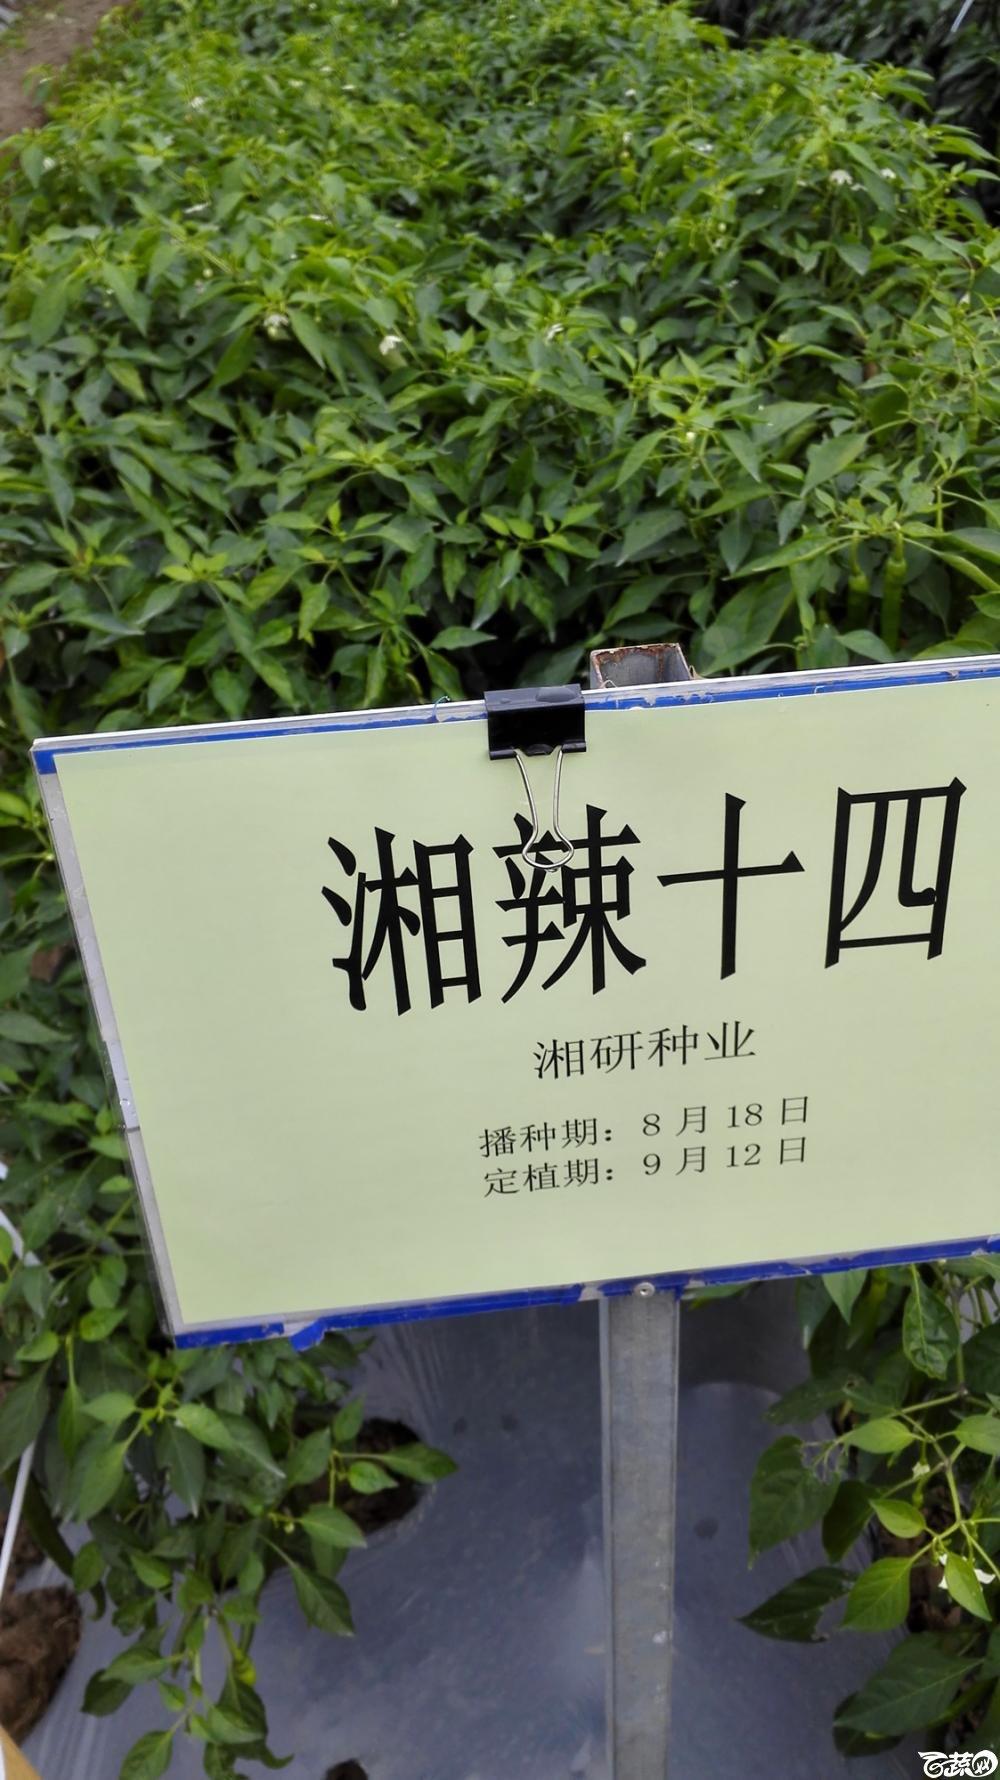 2014年12月8号中山蔬菜新品种展示会_辣椒_135.jpg